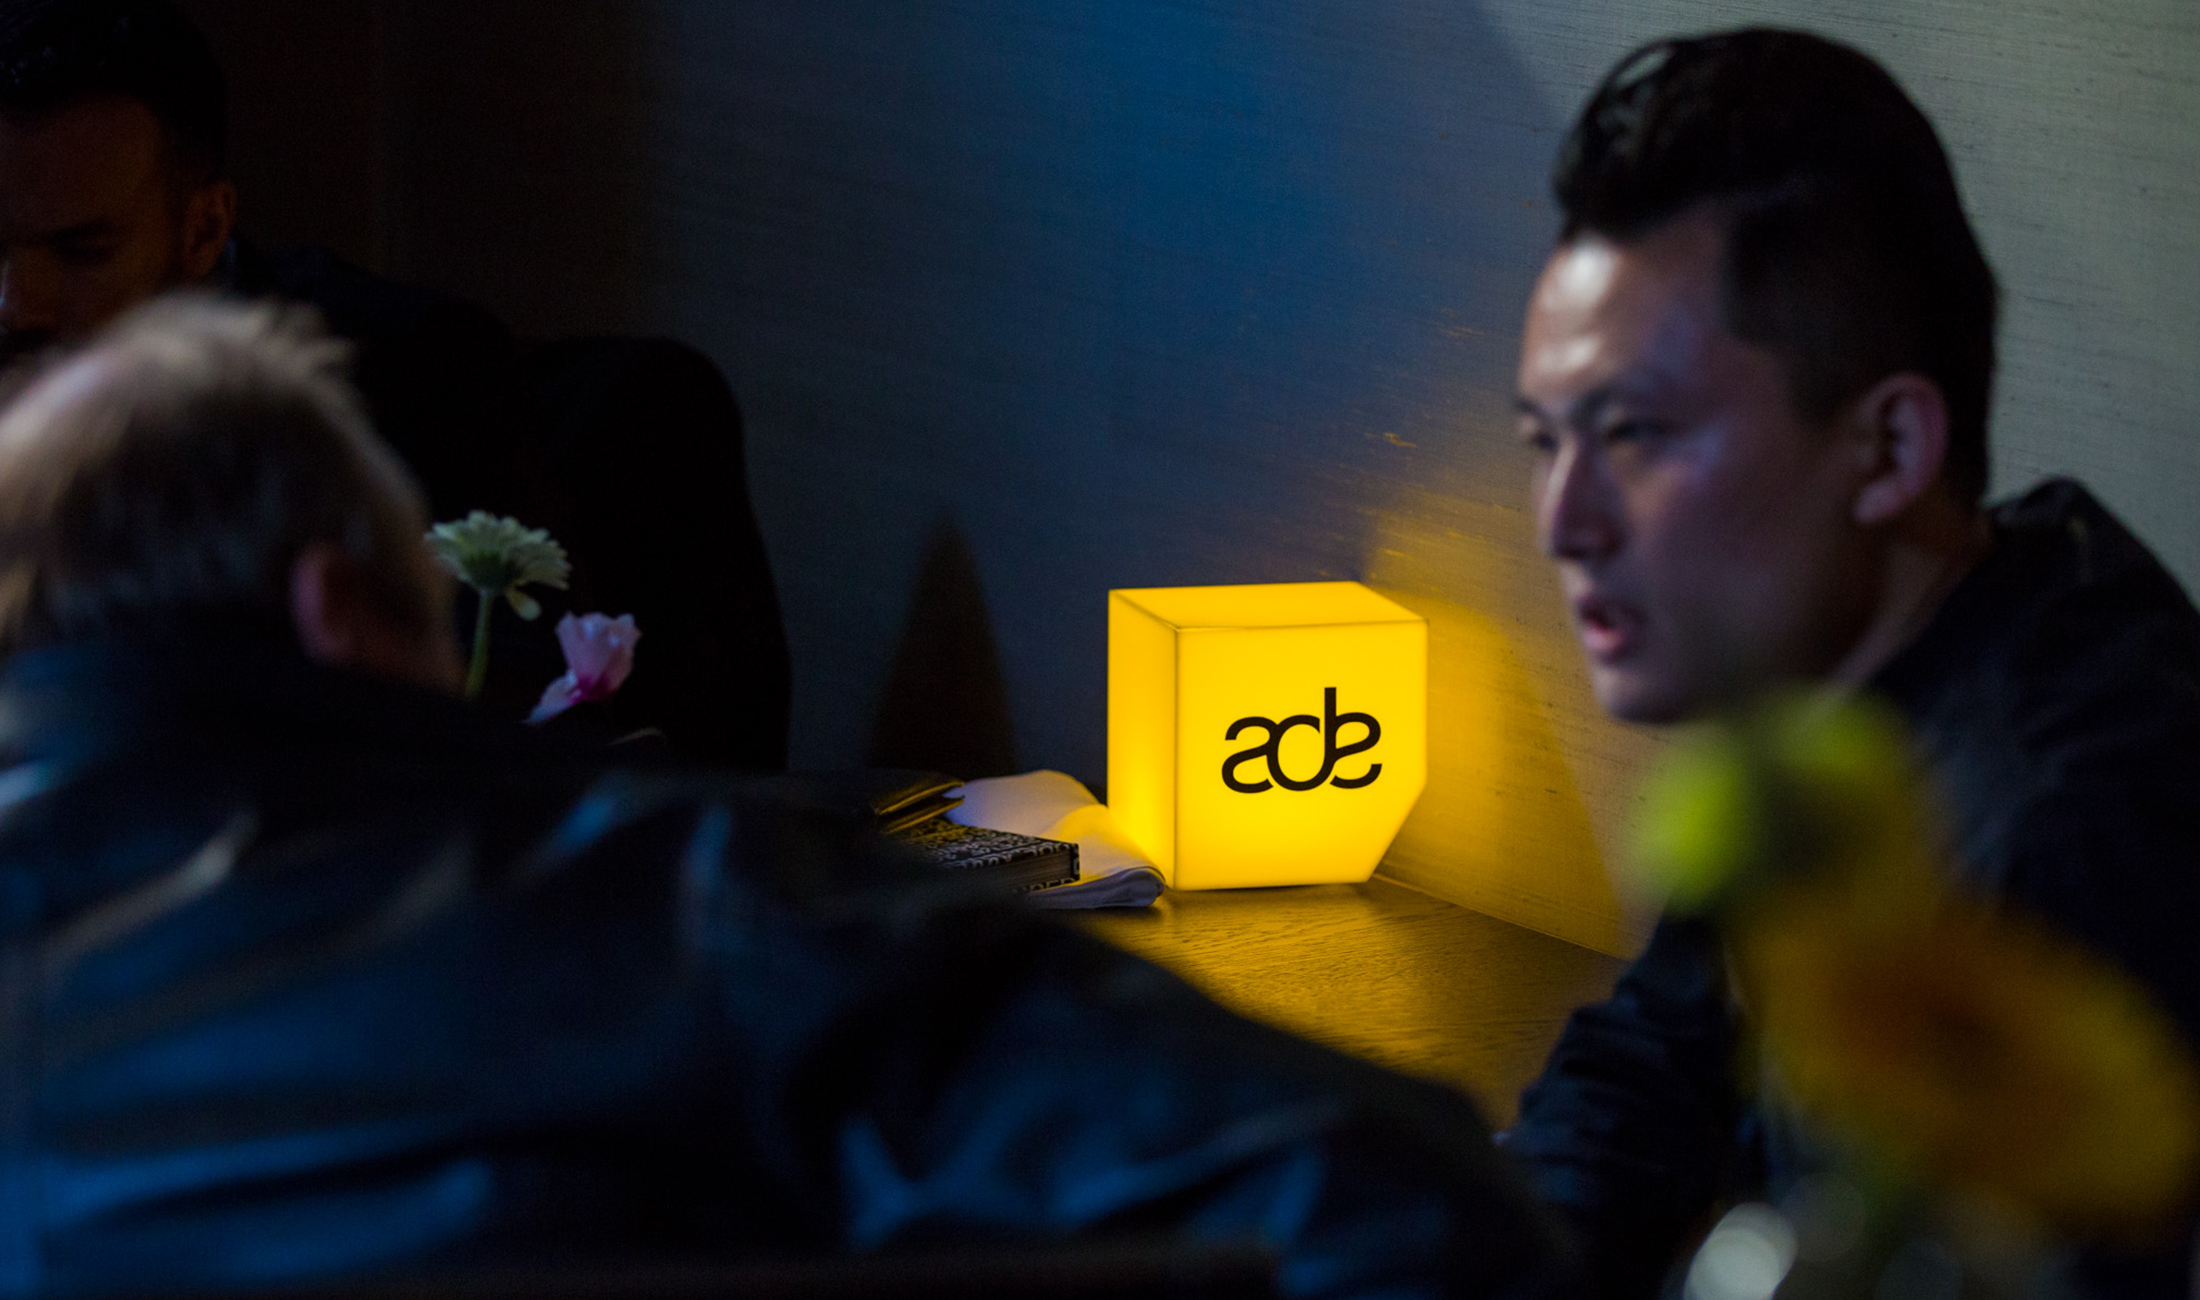 ADE 2017: Veranstaltungstipps für den Tag/Abend